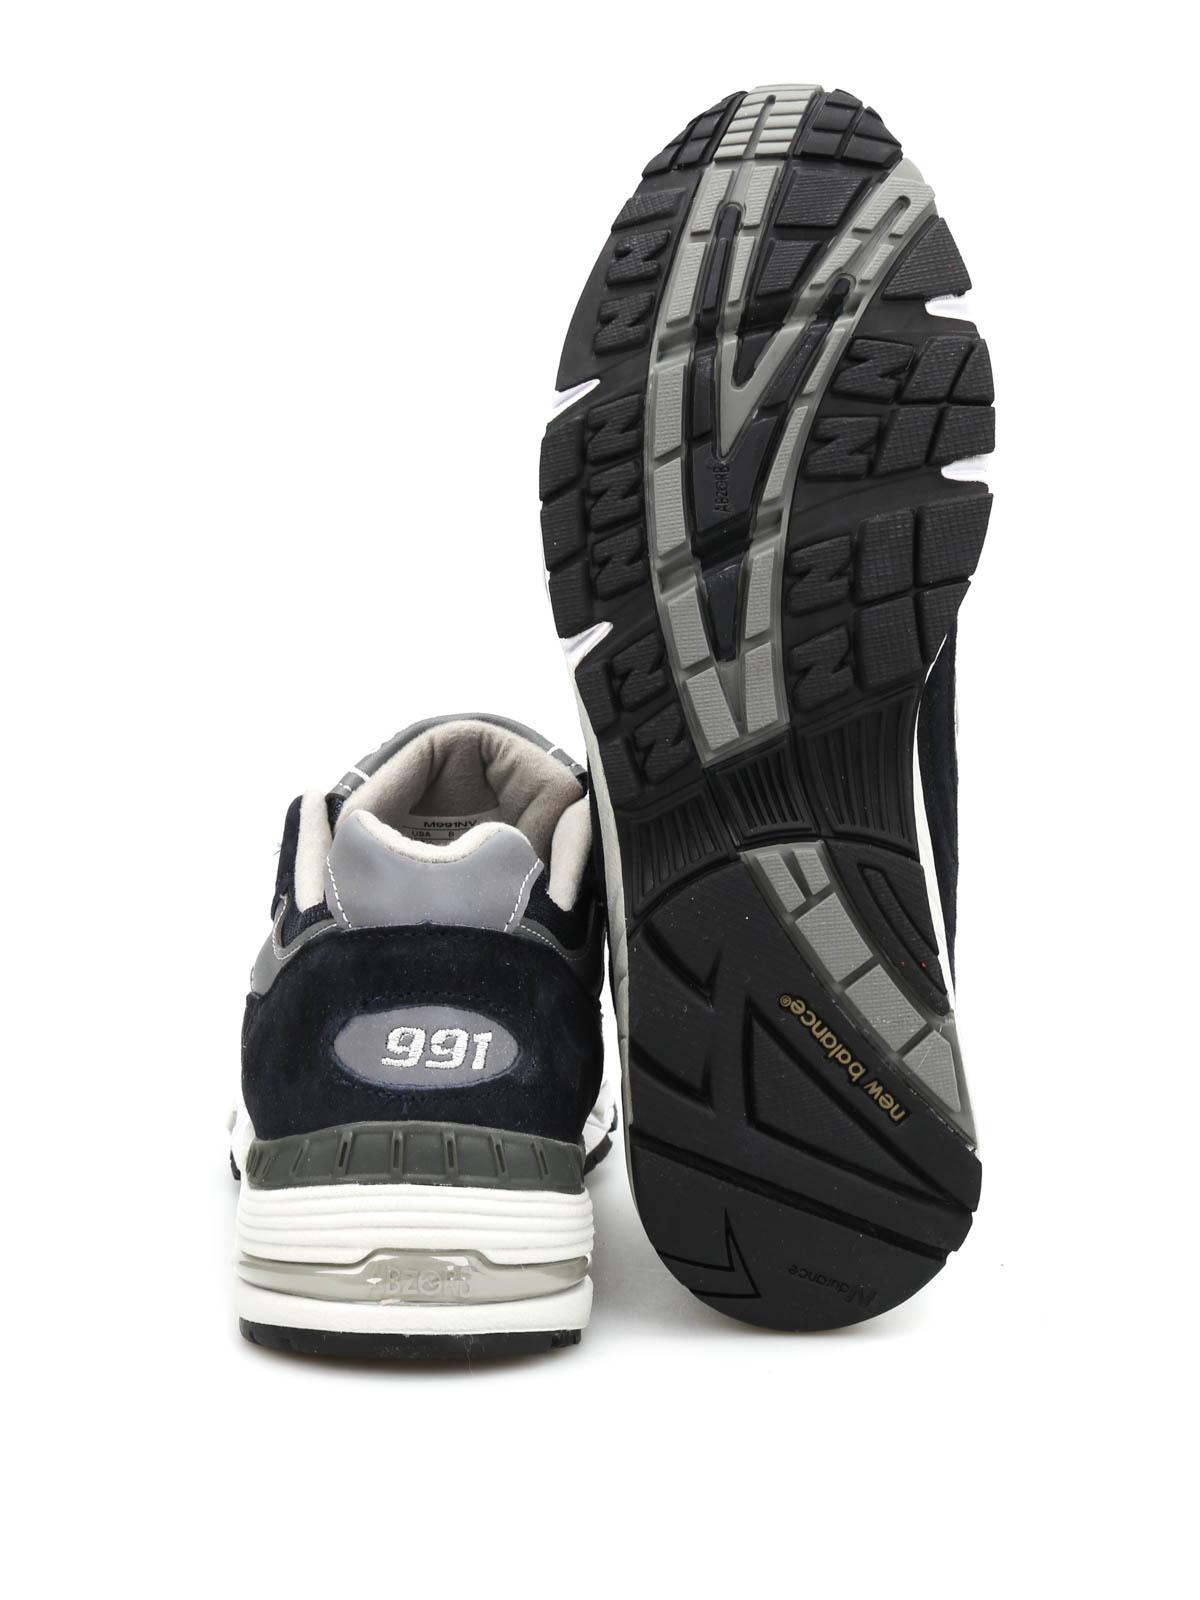 New Balance Sneaker 991 Dunkelblau Sneaker M991NV